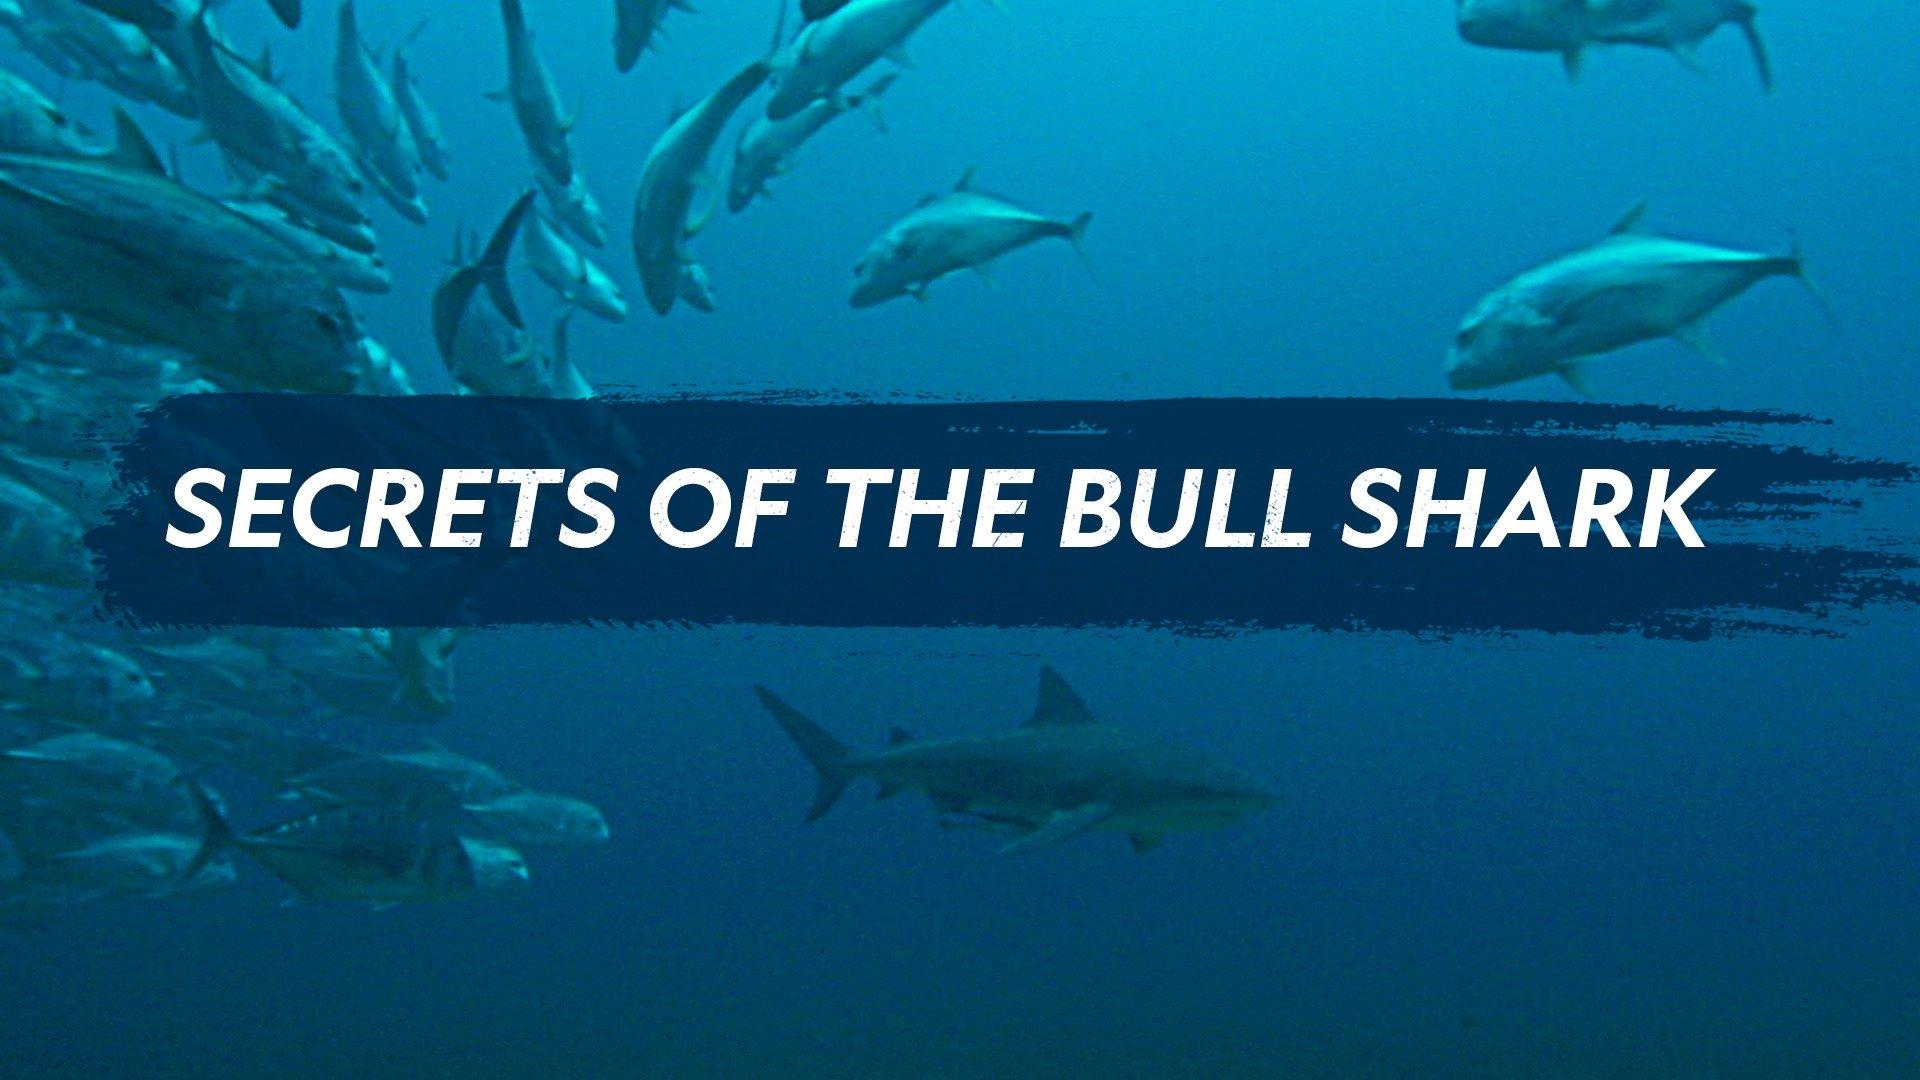 Secrets of the Bull Shark